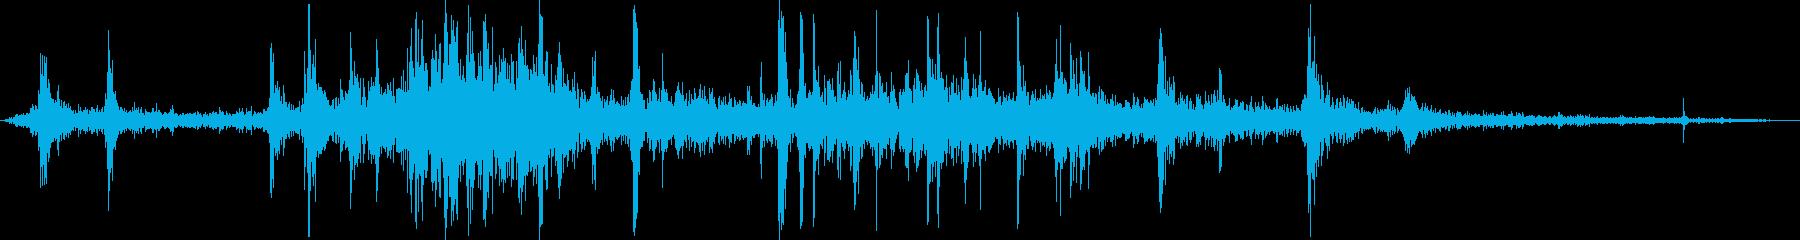 食べ物を食べる/かじる/噛む,効果音02の再生済みの波形